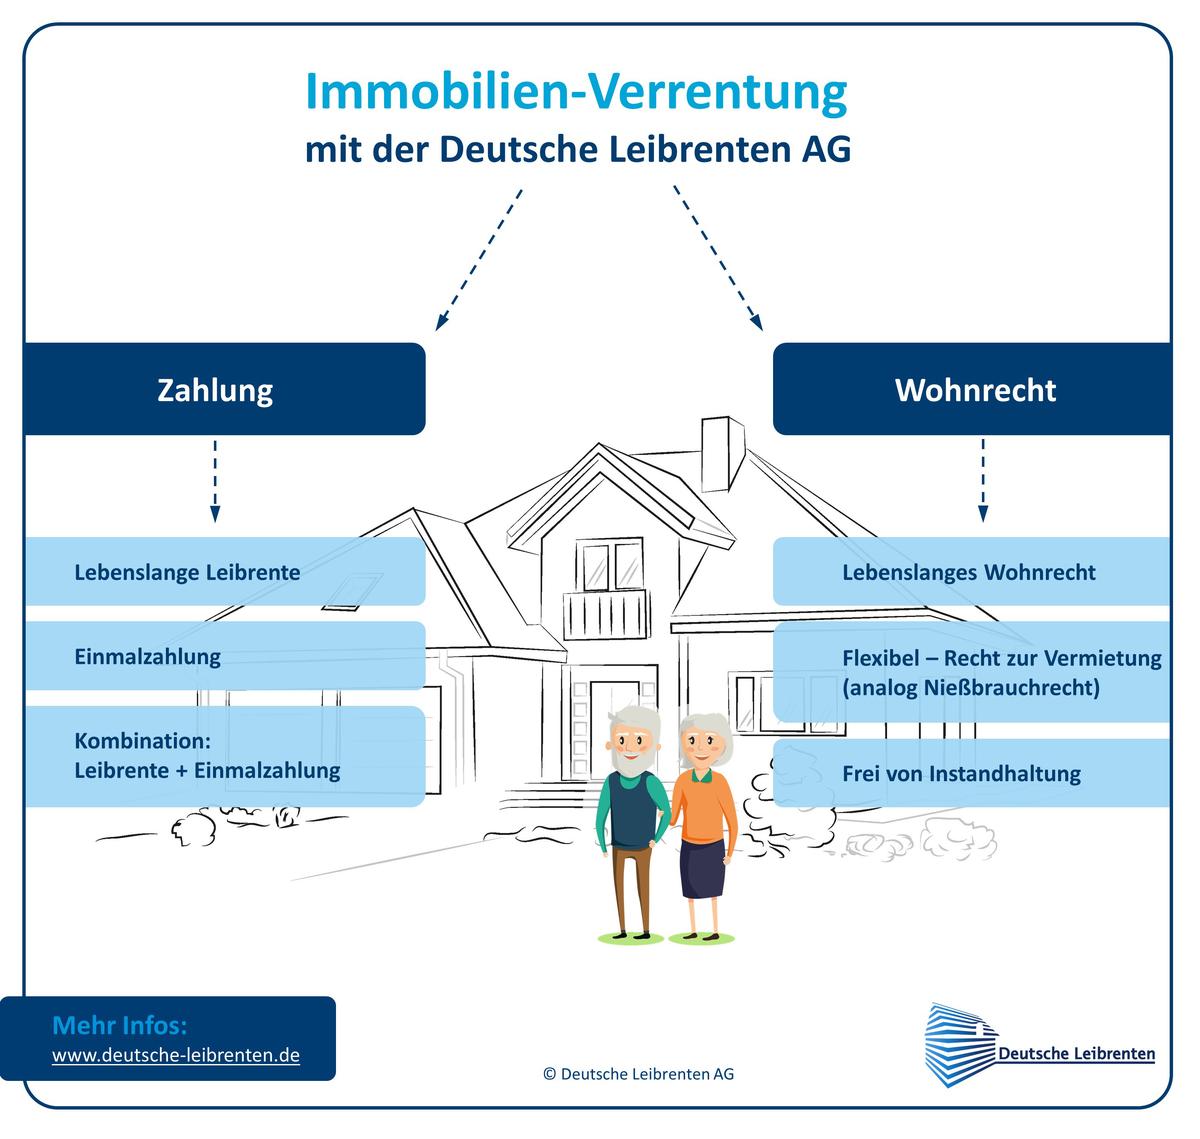 Immobilien-Verrentung mit WHG-Immobilien